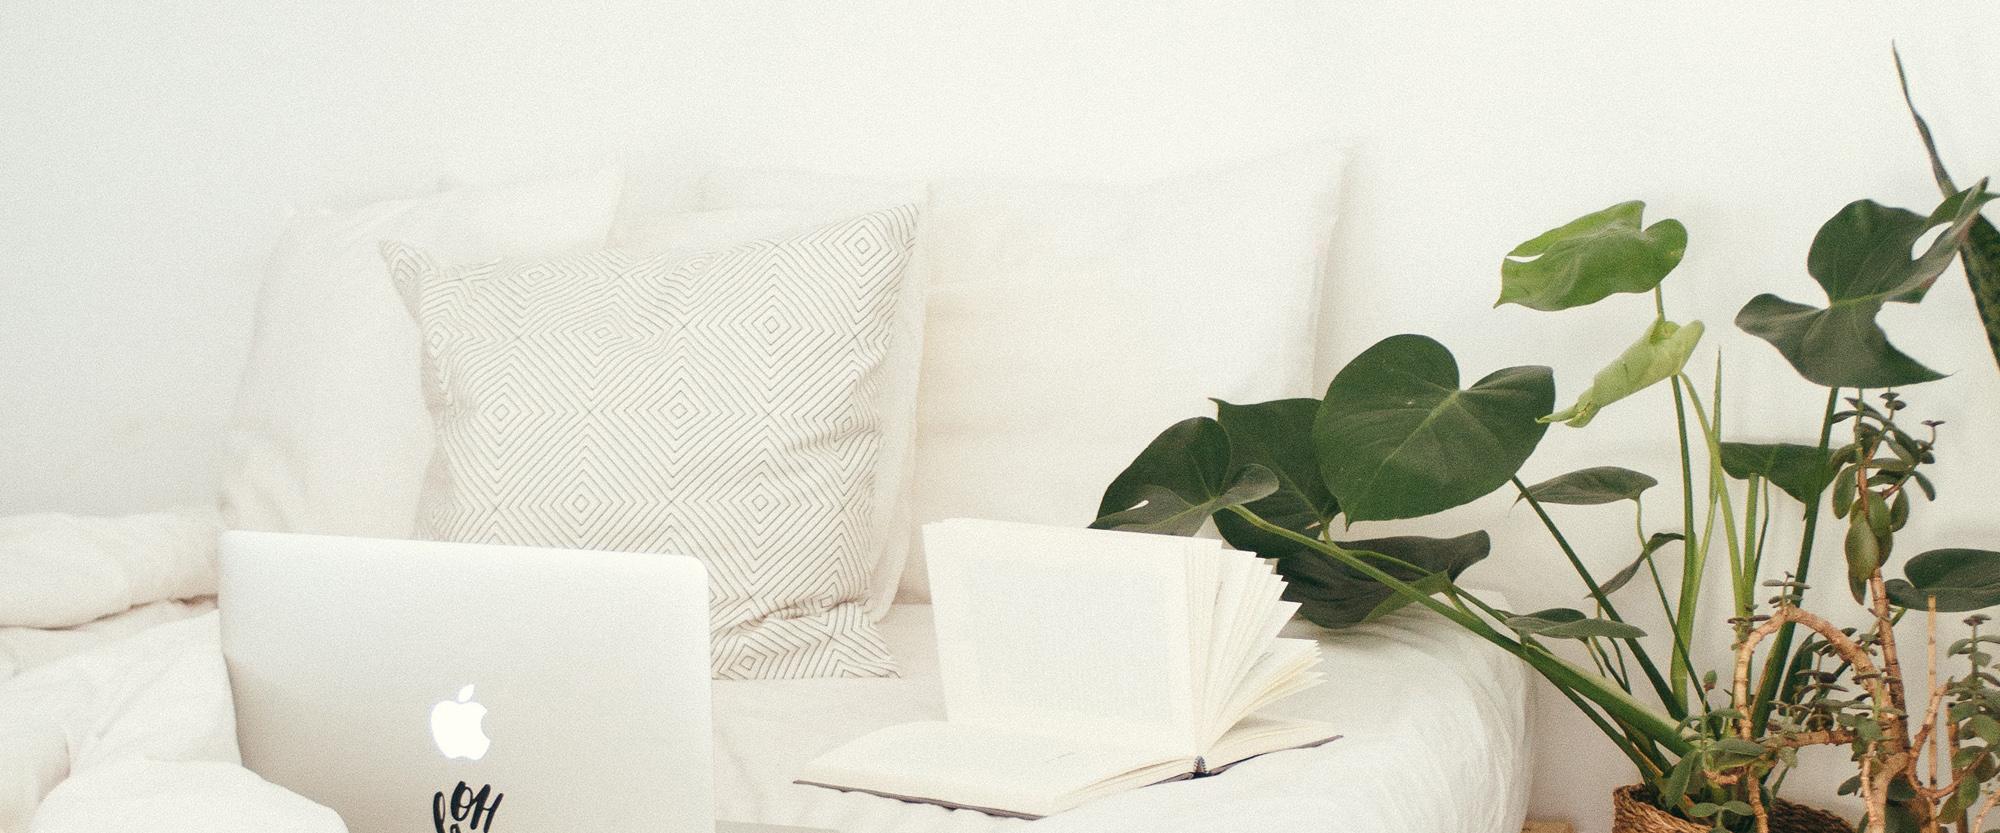 Je slaapkamer duurzaam verbouwen